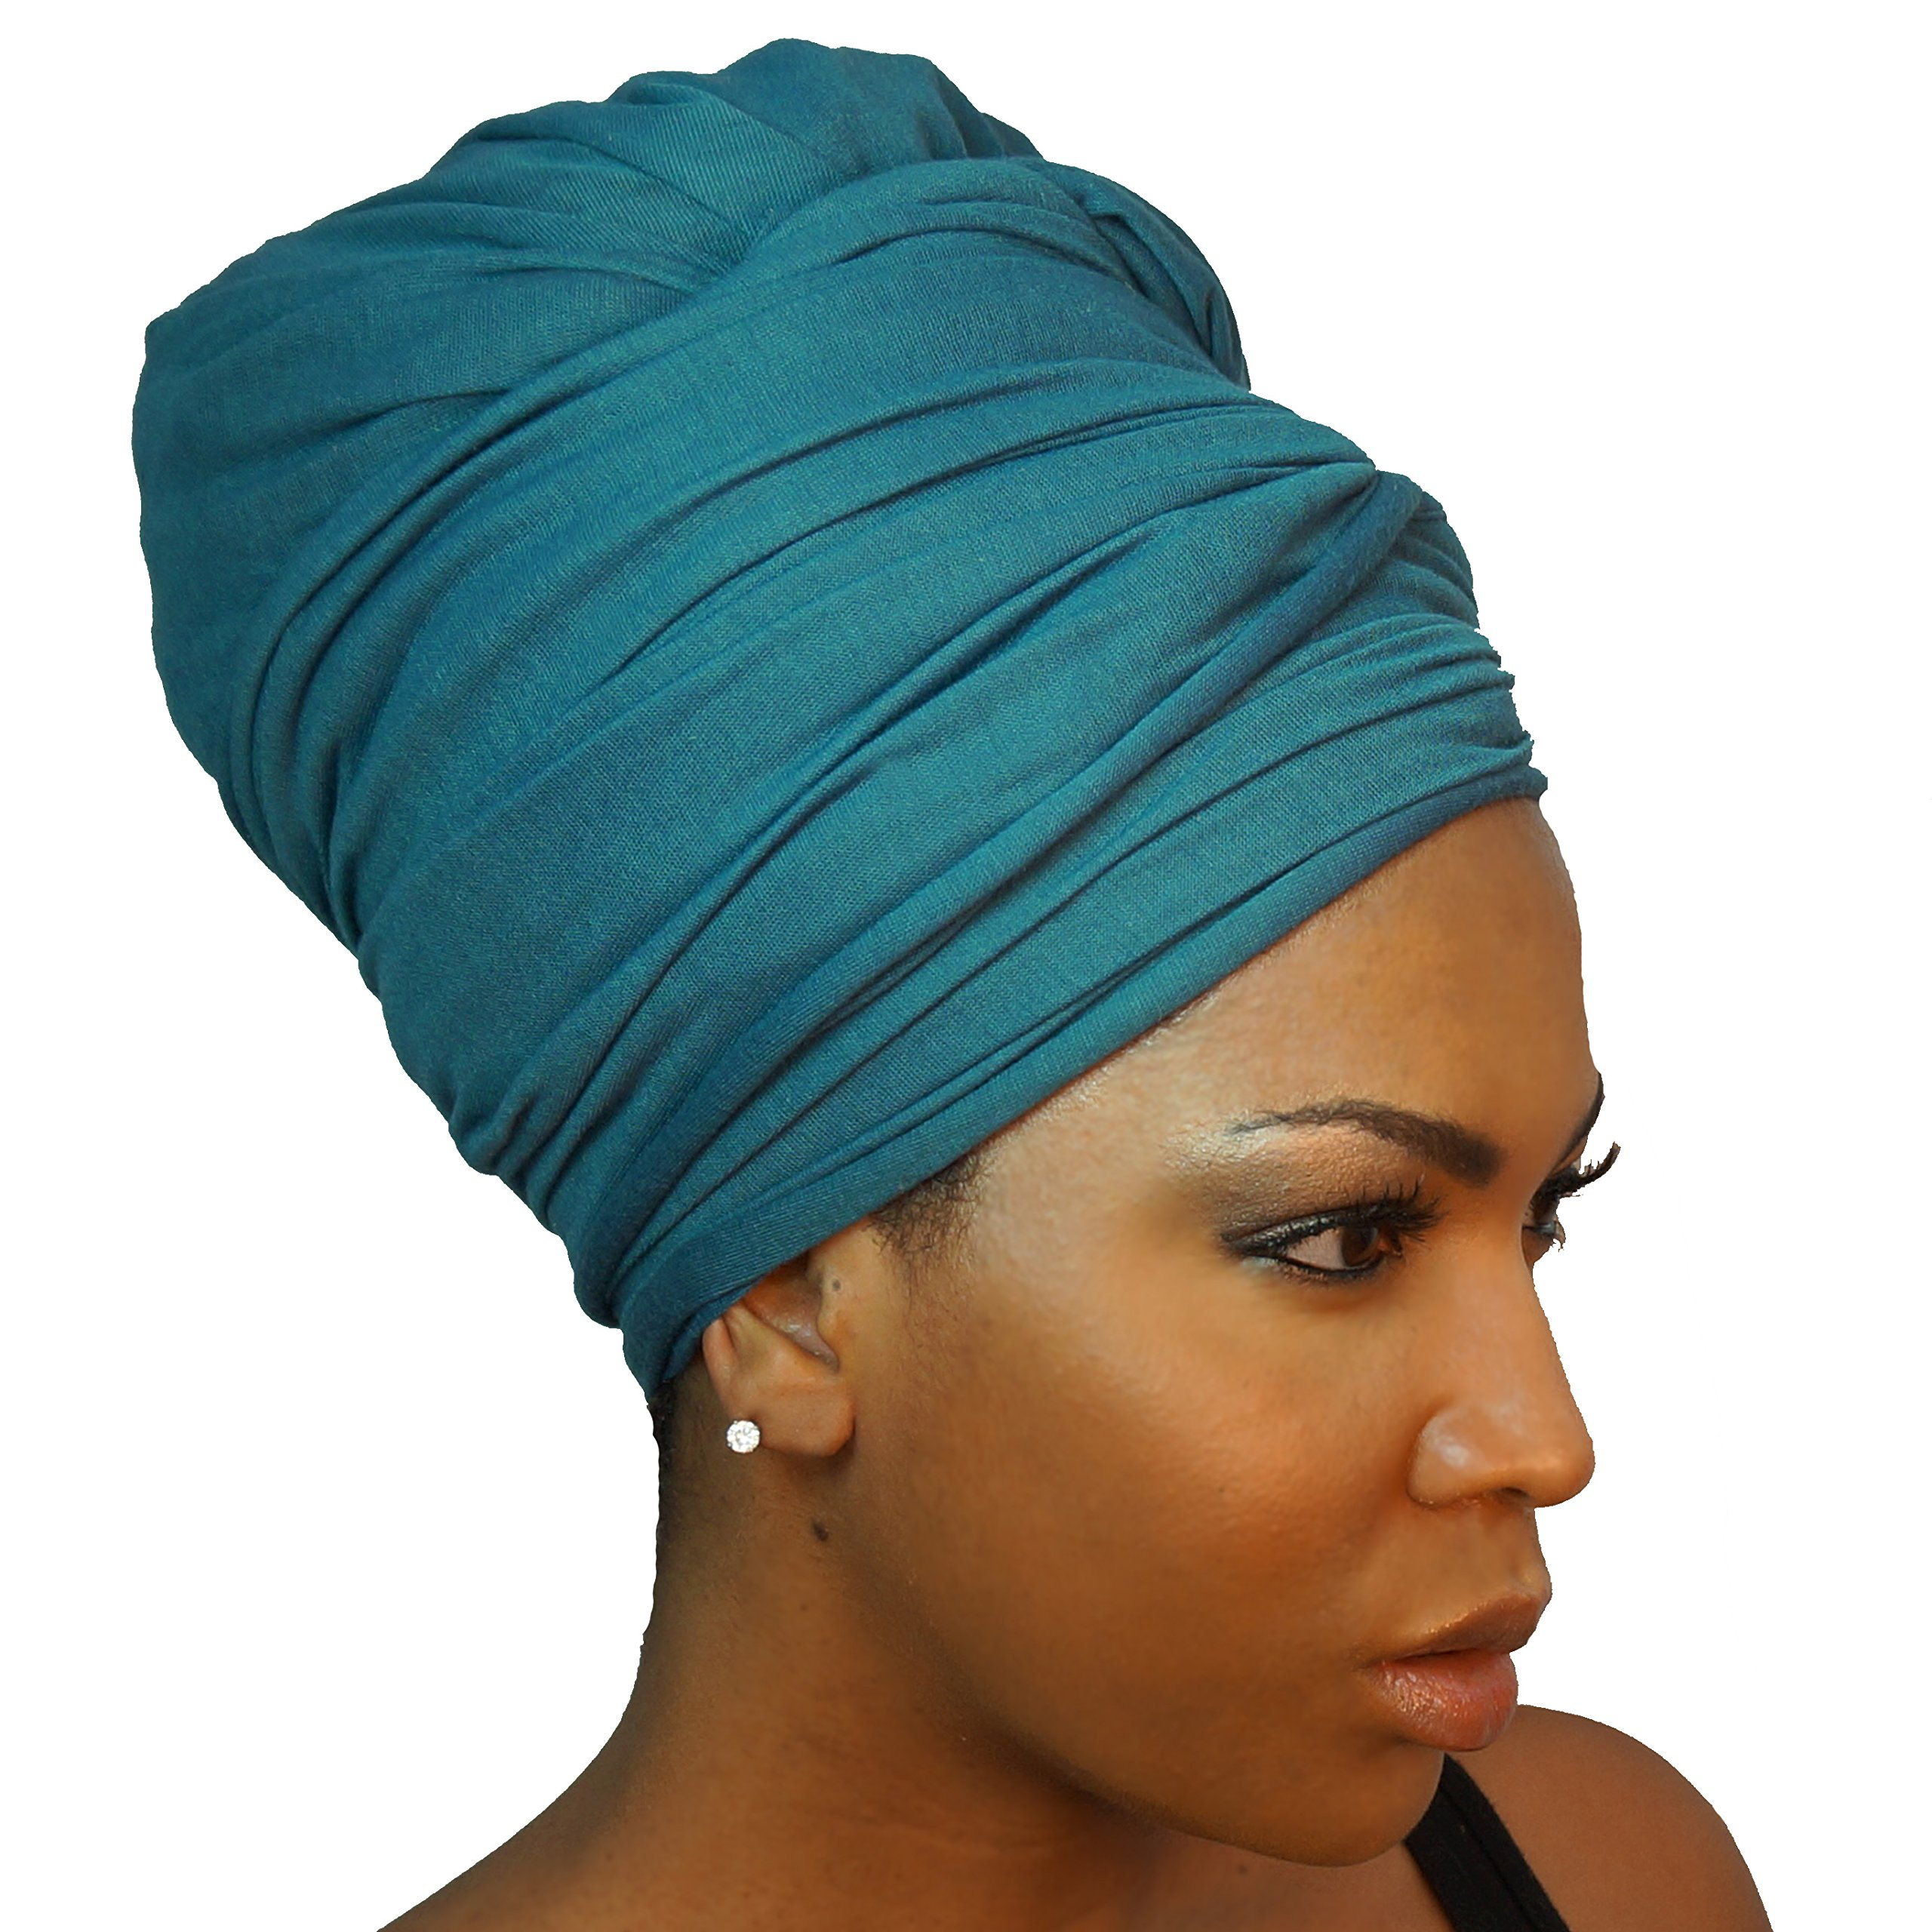 Headwrap in Stretch Jersey Knit - Long Head wrap Scarf - Teal